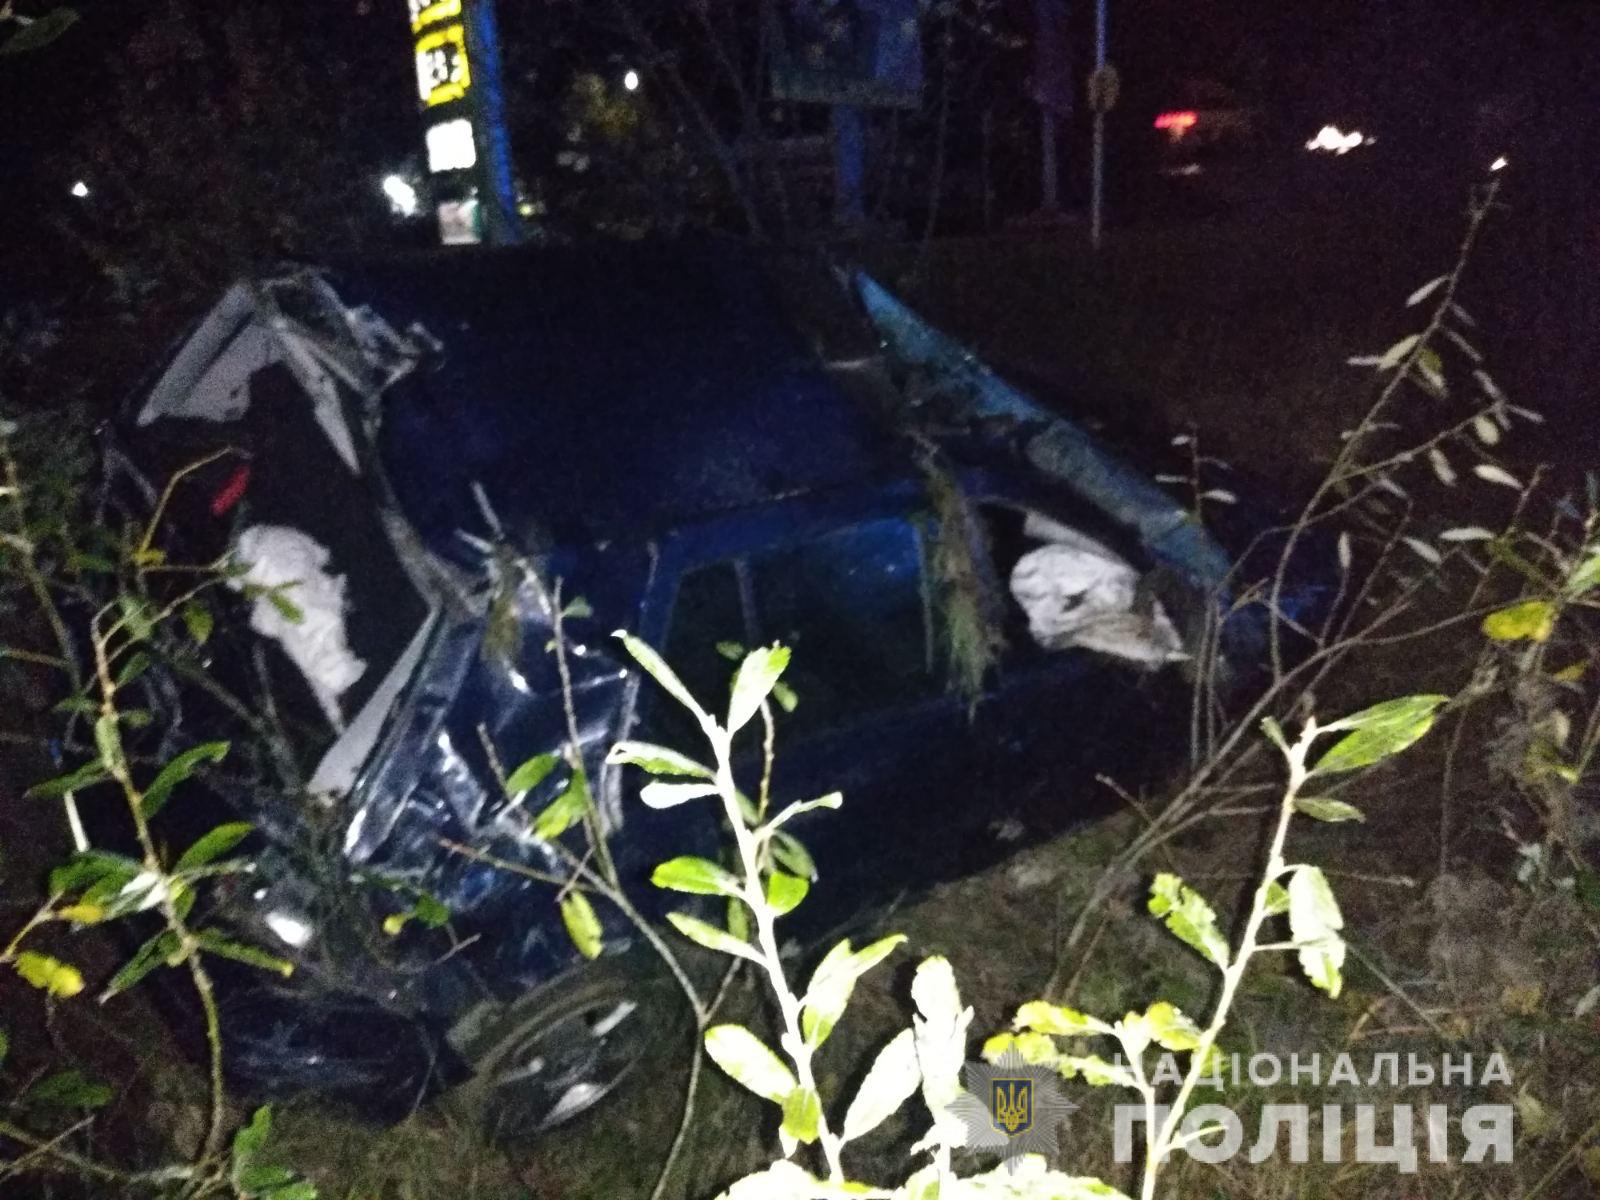 За кермом був п'яний водій: подробиці ДТП у Мукачеві